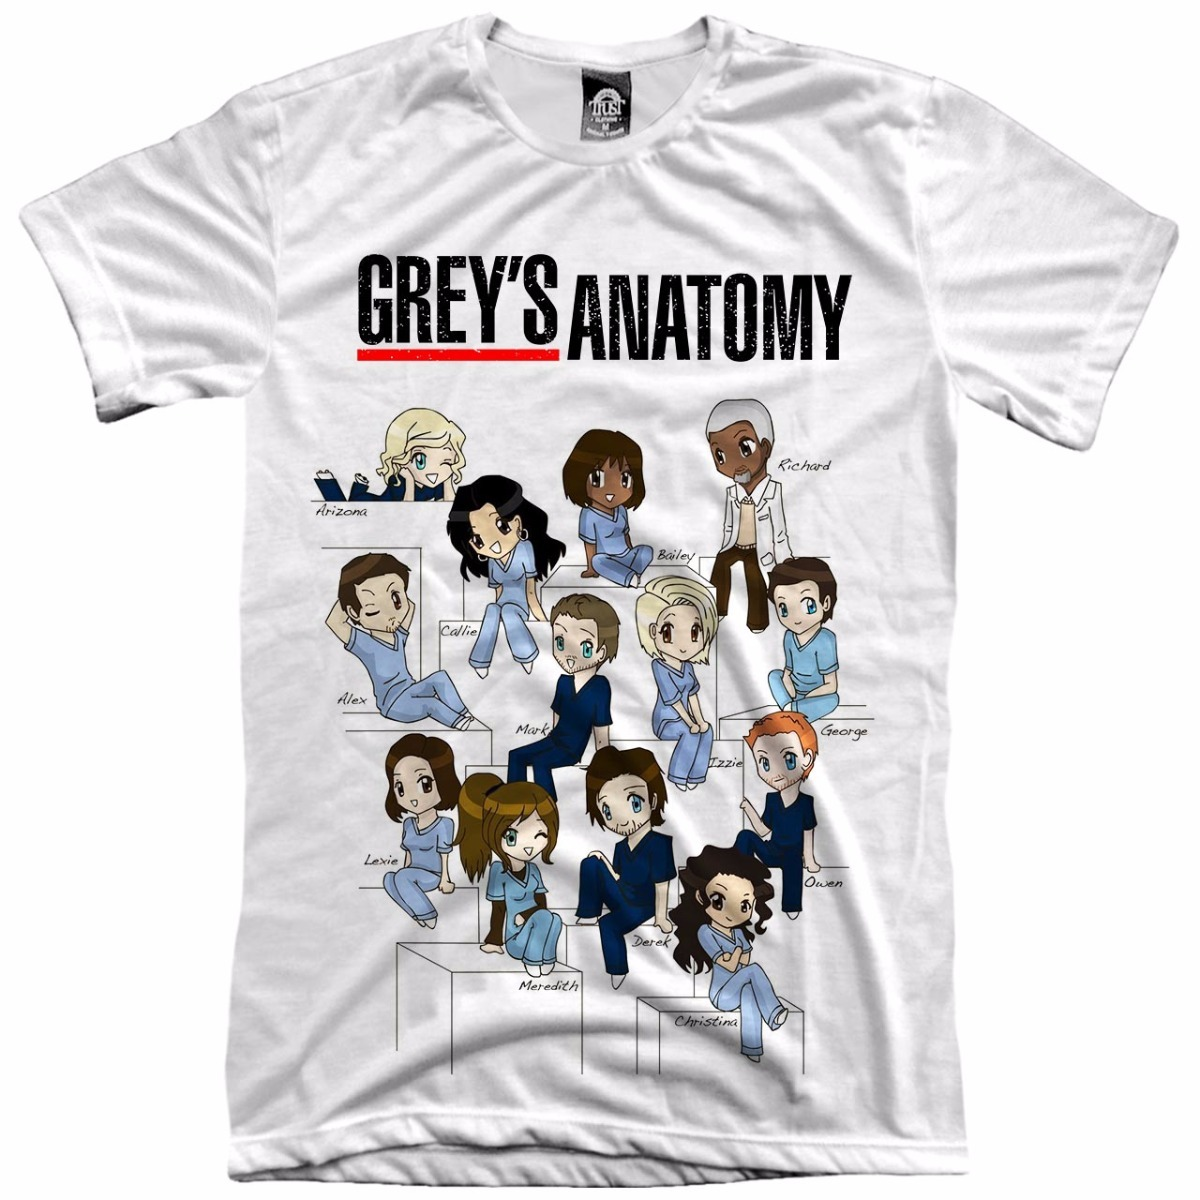 Dorable Anatomía De Una Camiseta Regalo - Imágenes de Anatomía ...